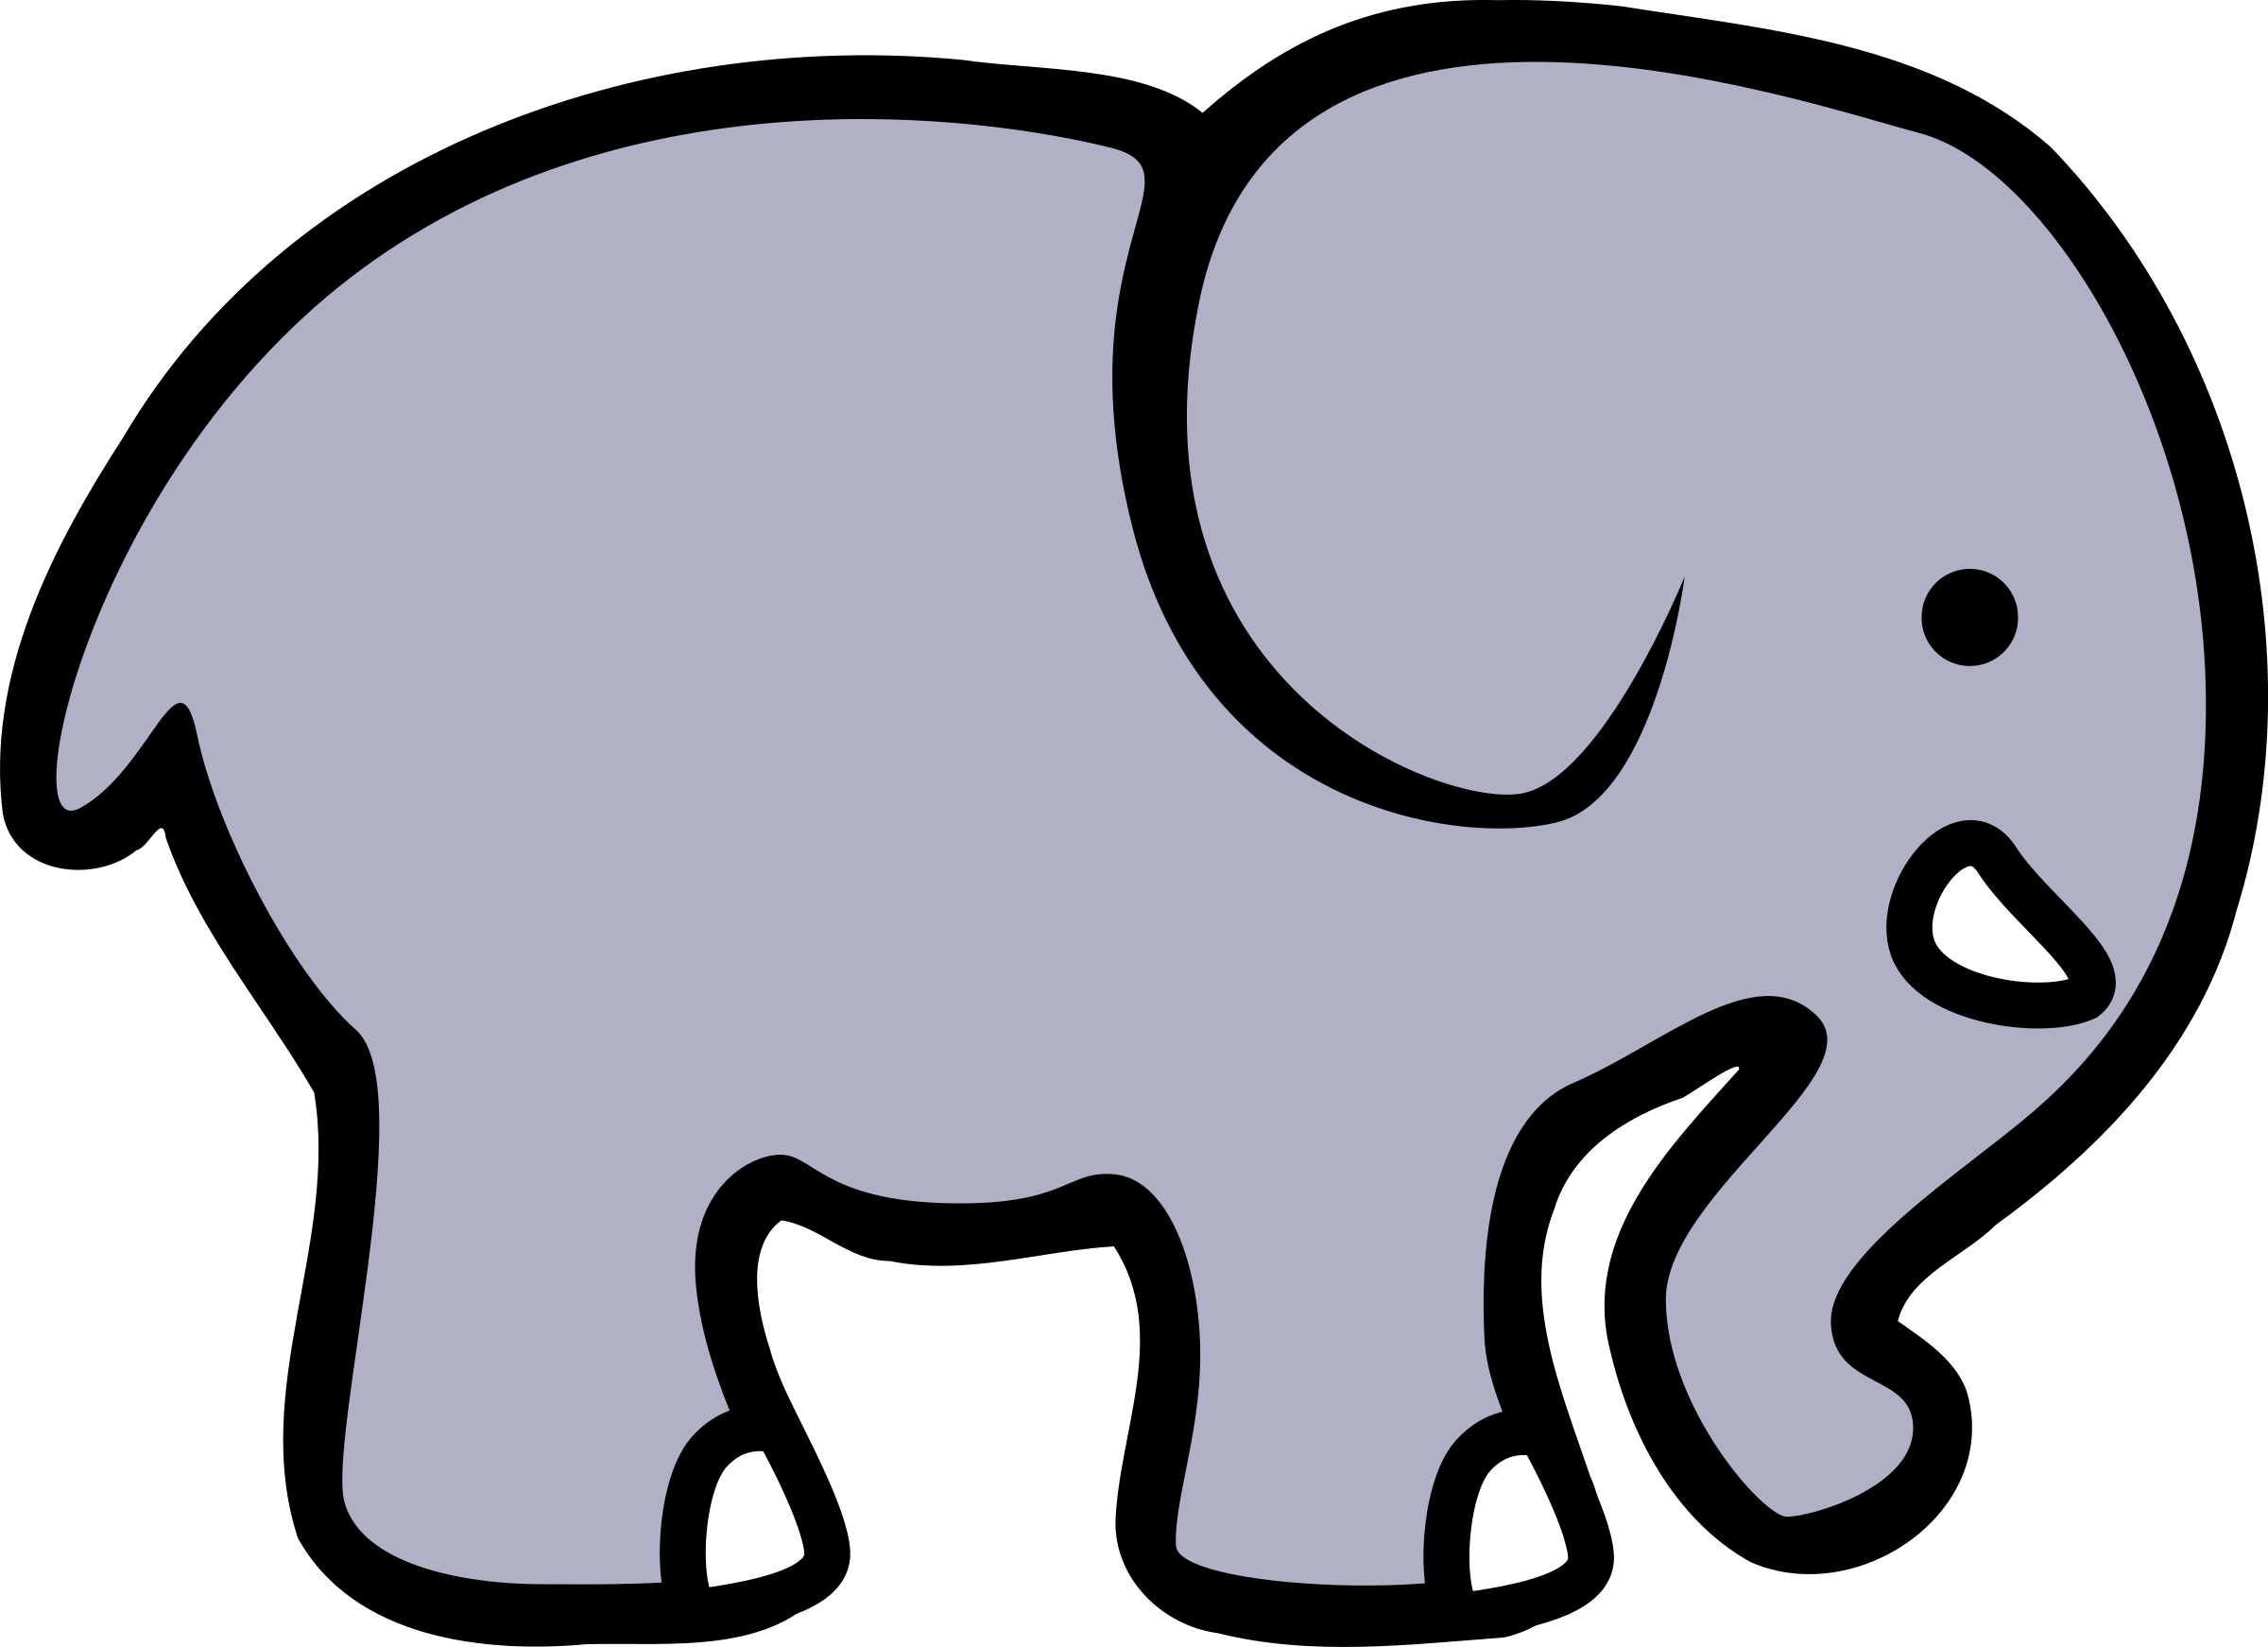 clipart 2d cartoon elephant